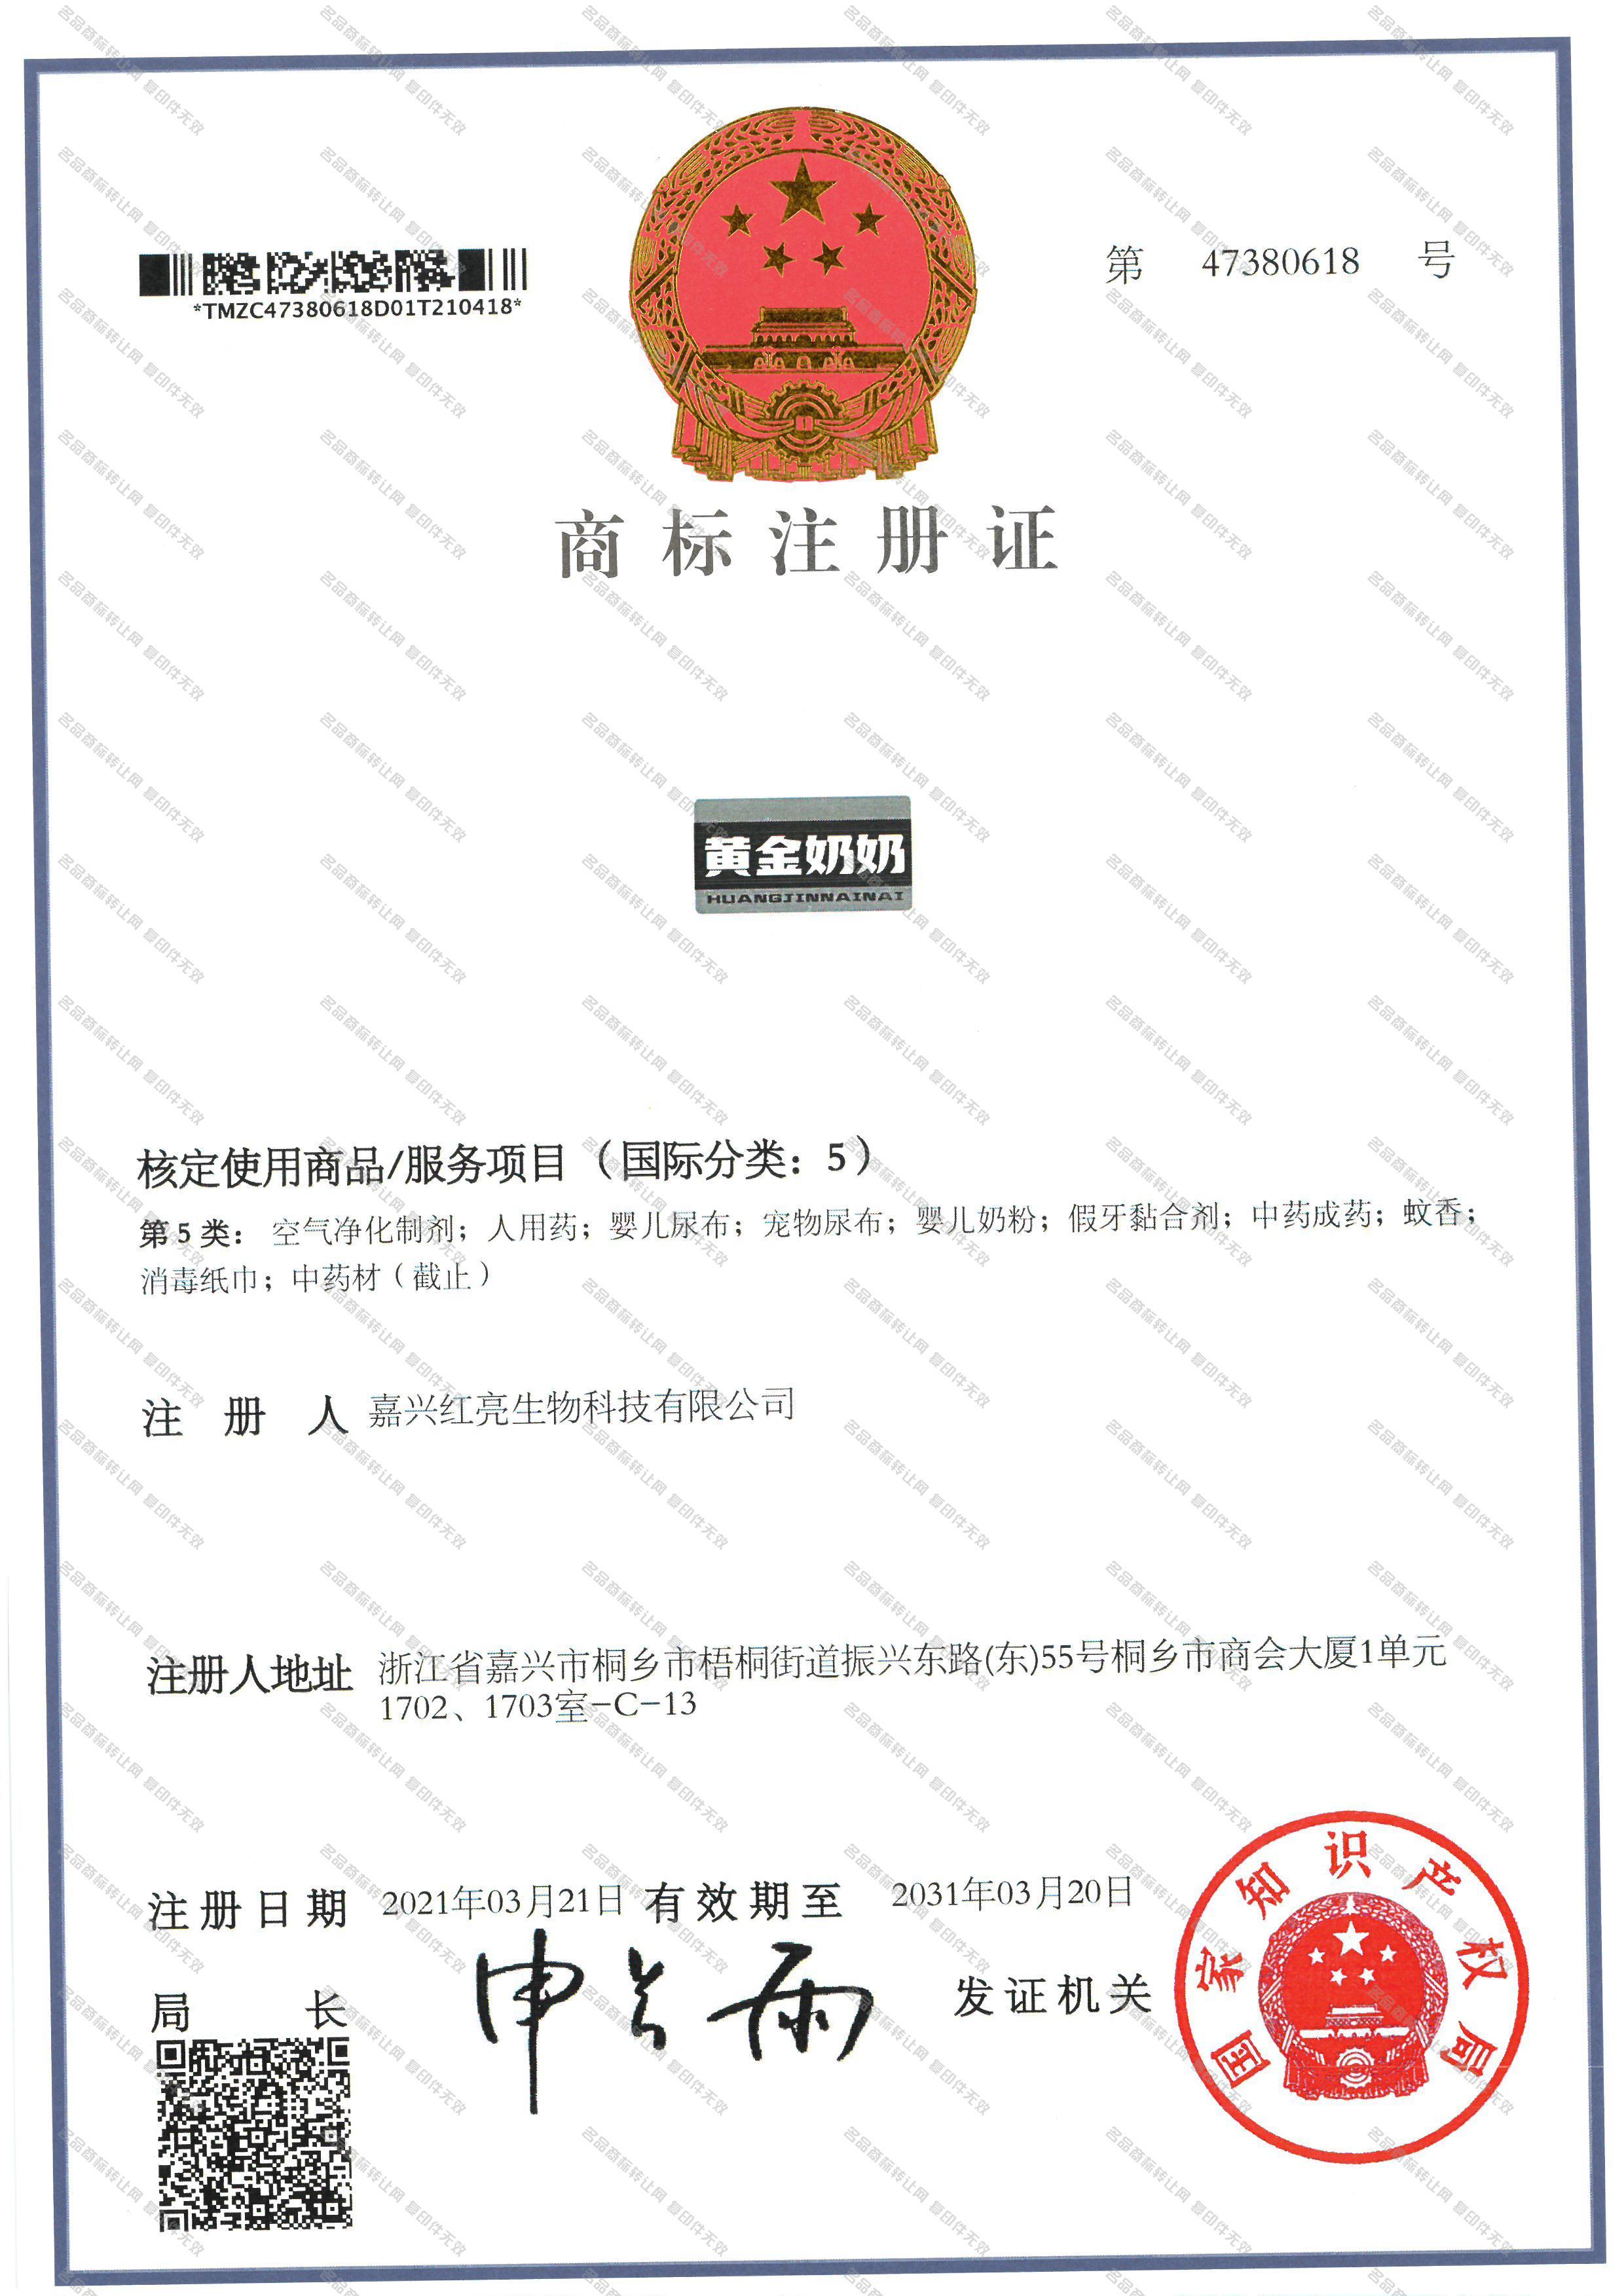 黄金奶奶;HUANGJINNAINAI注册证